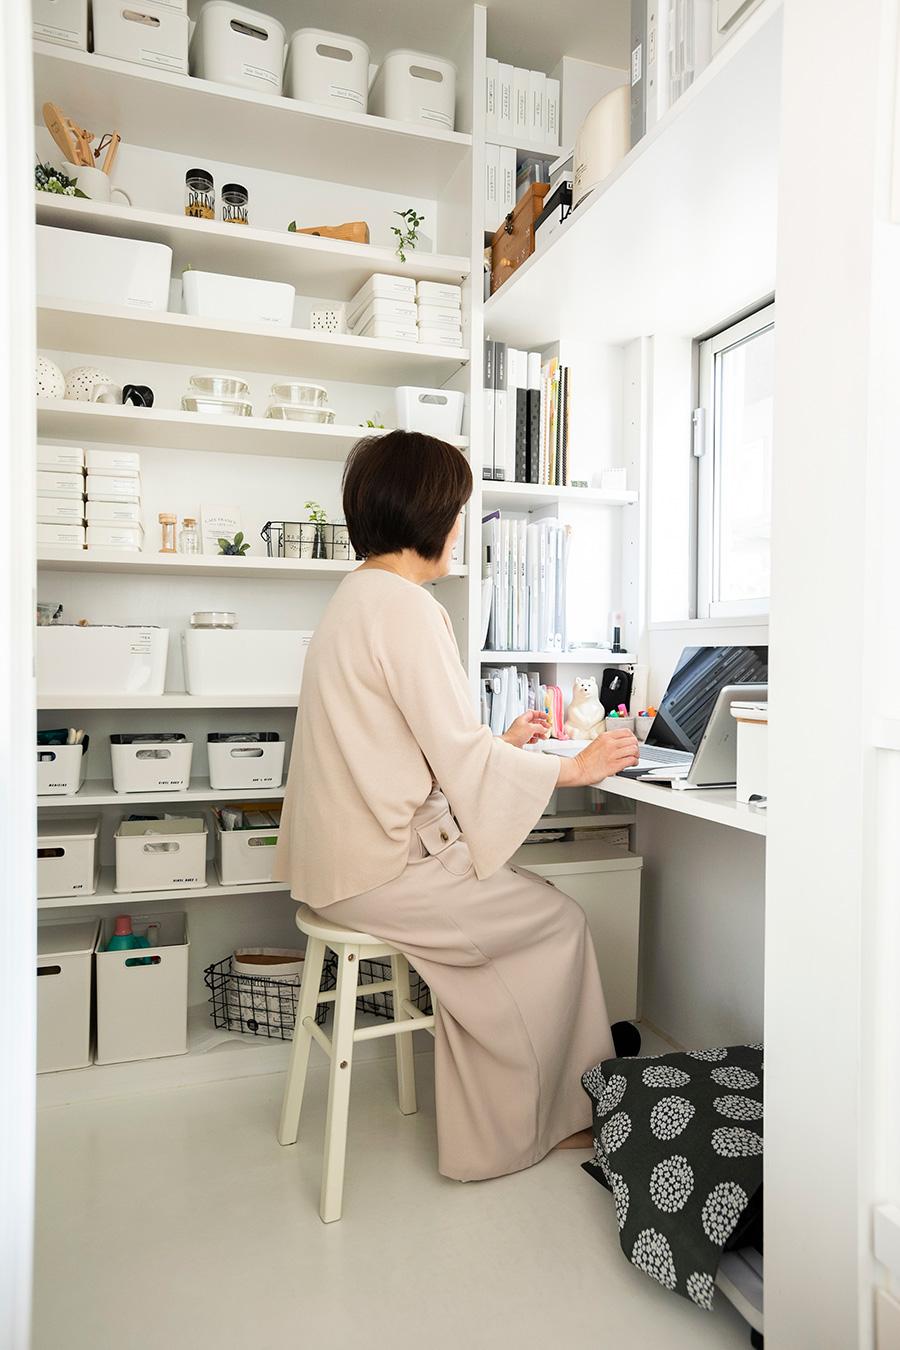 窓側に造作の机をリクエスト。座って手の届く位置に、書類などを入れるファイルボックスを収めている。